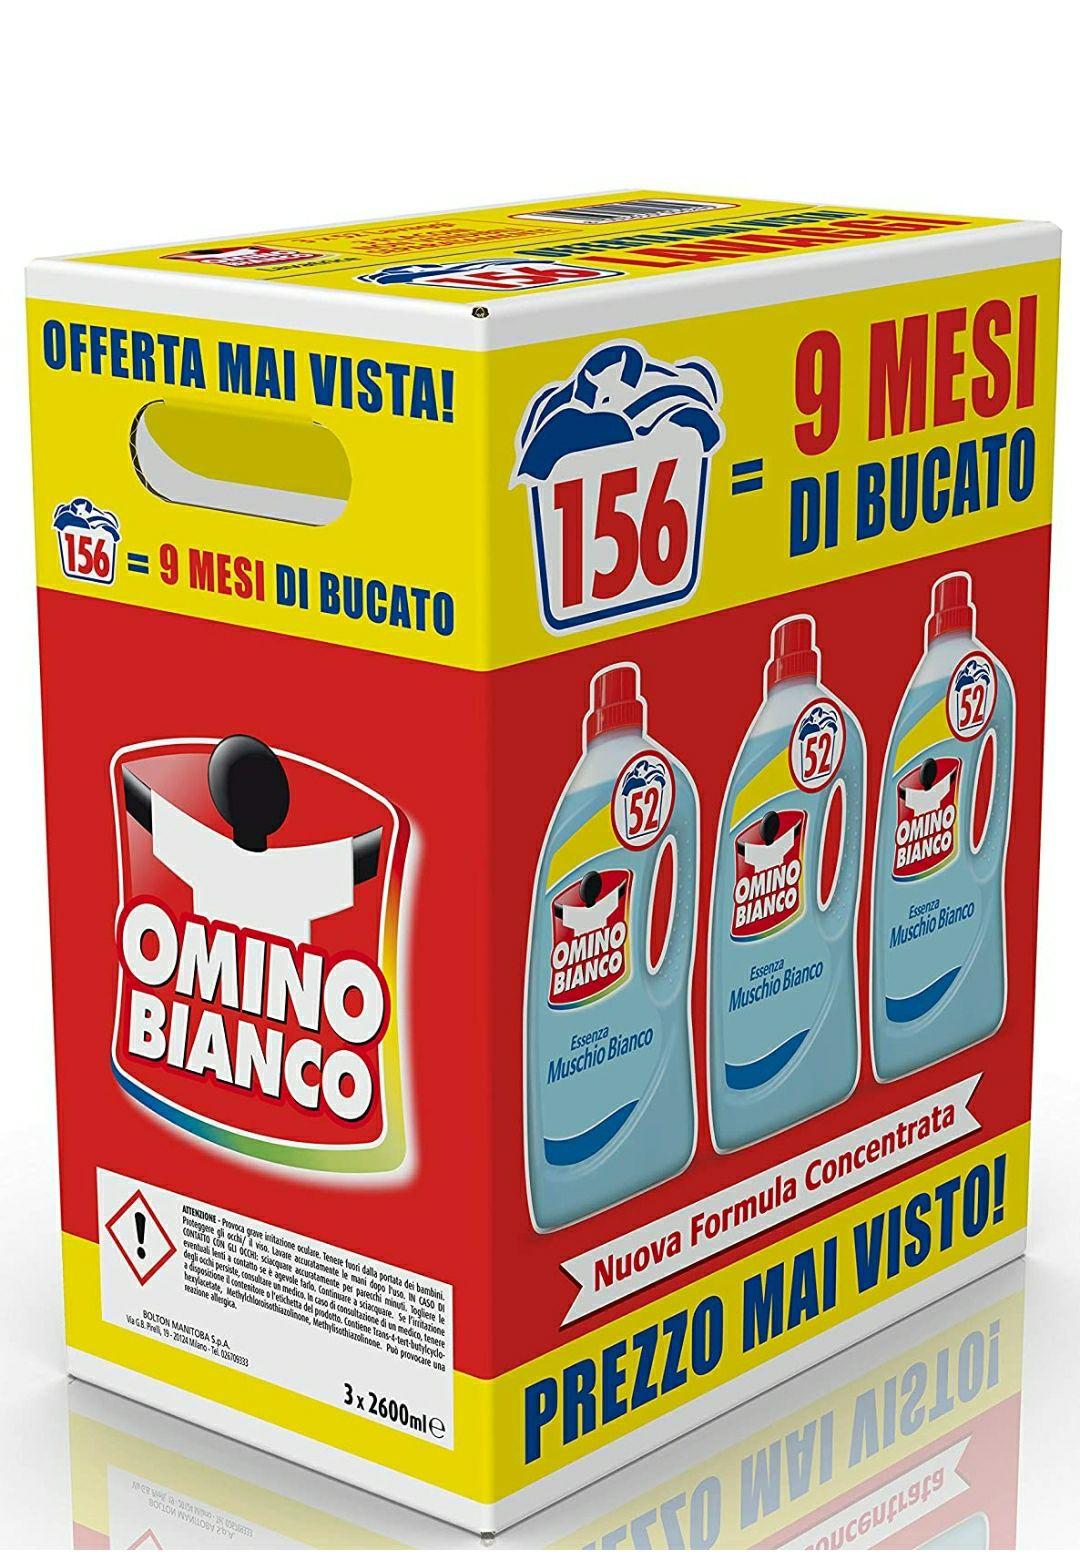 Omino Bianco Detersivo Lavatrice Liquido, Fresco Profumo con Essenza di Muschio Bianco, 156 Lavaggi, 2600 ml x 3 Confezioni